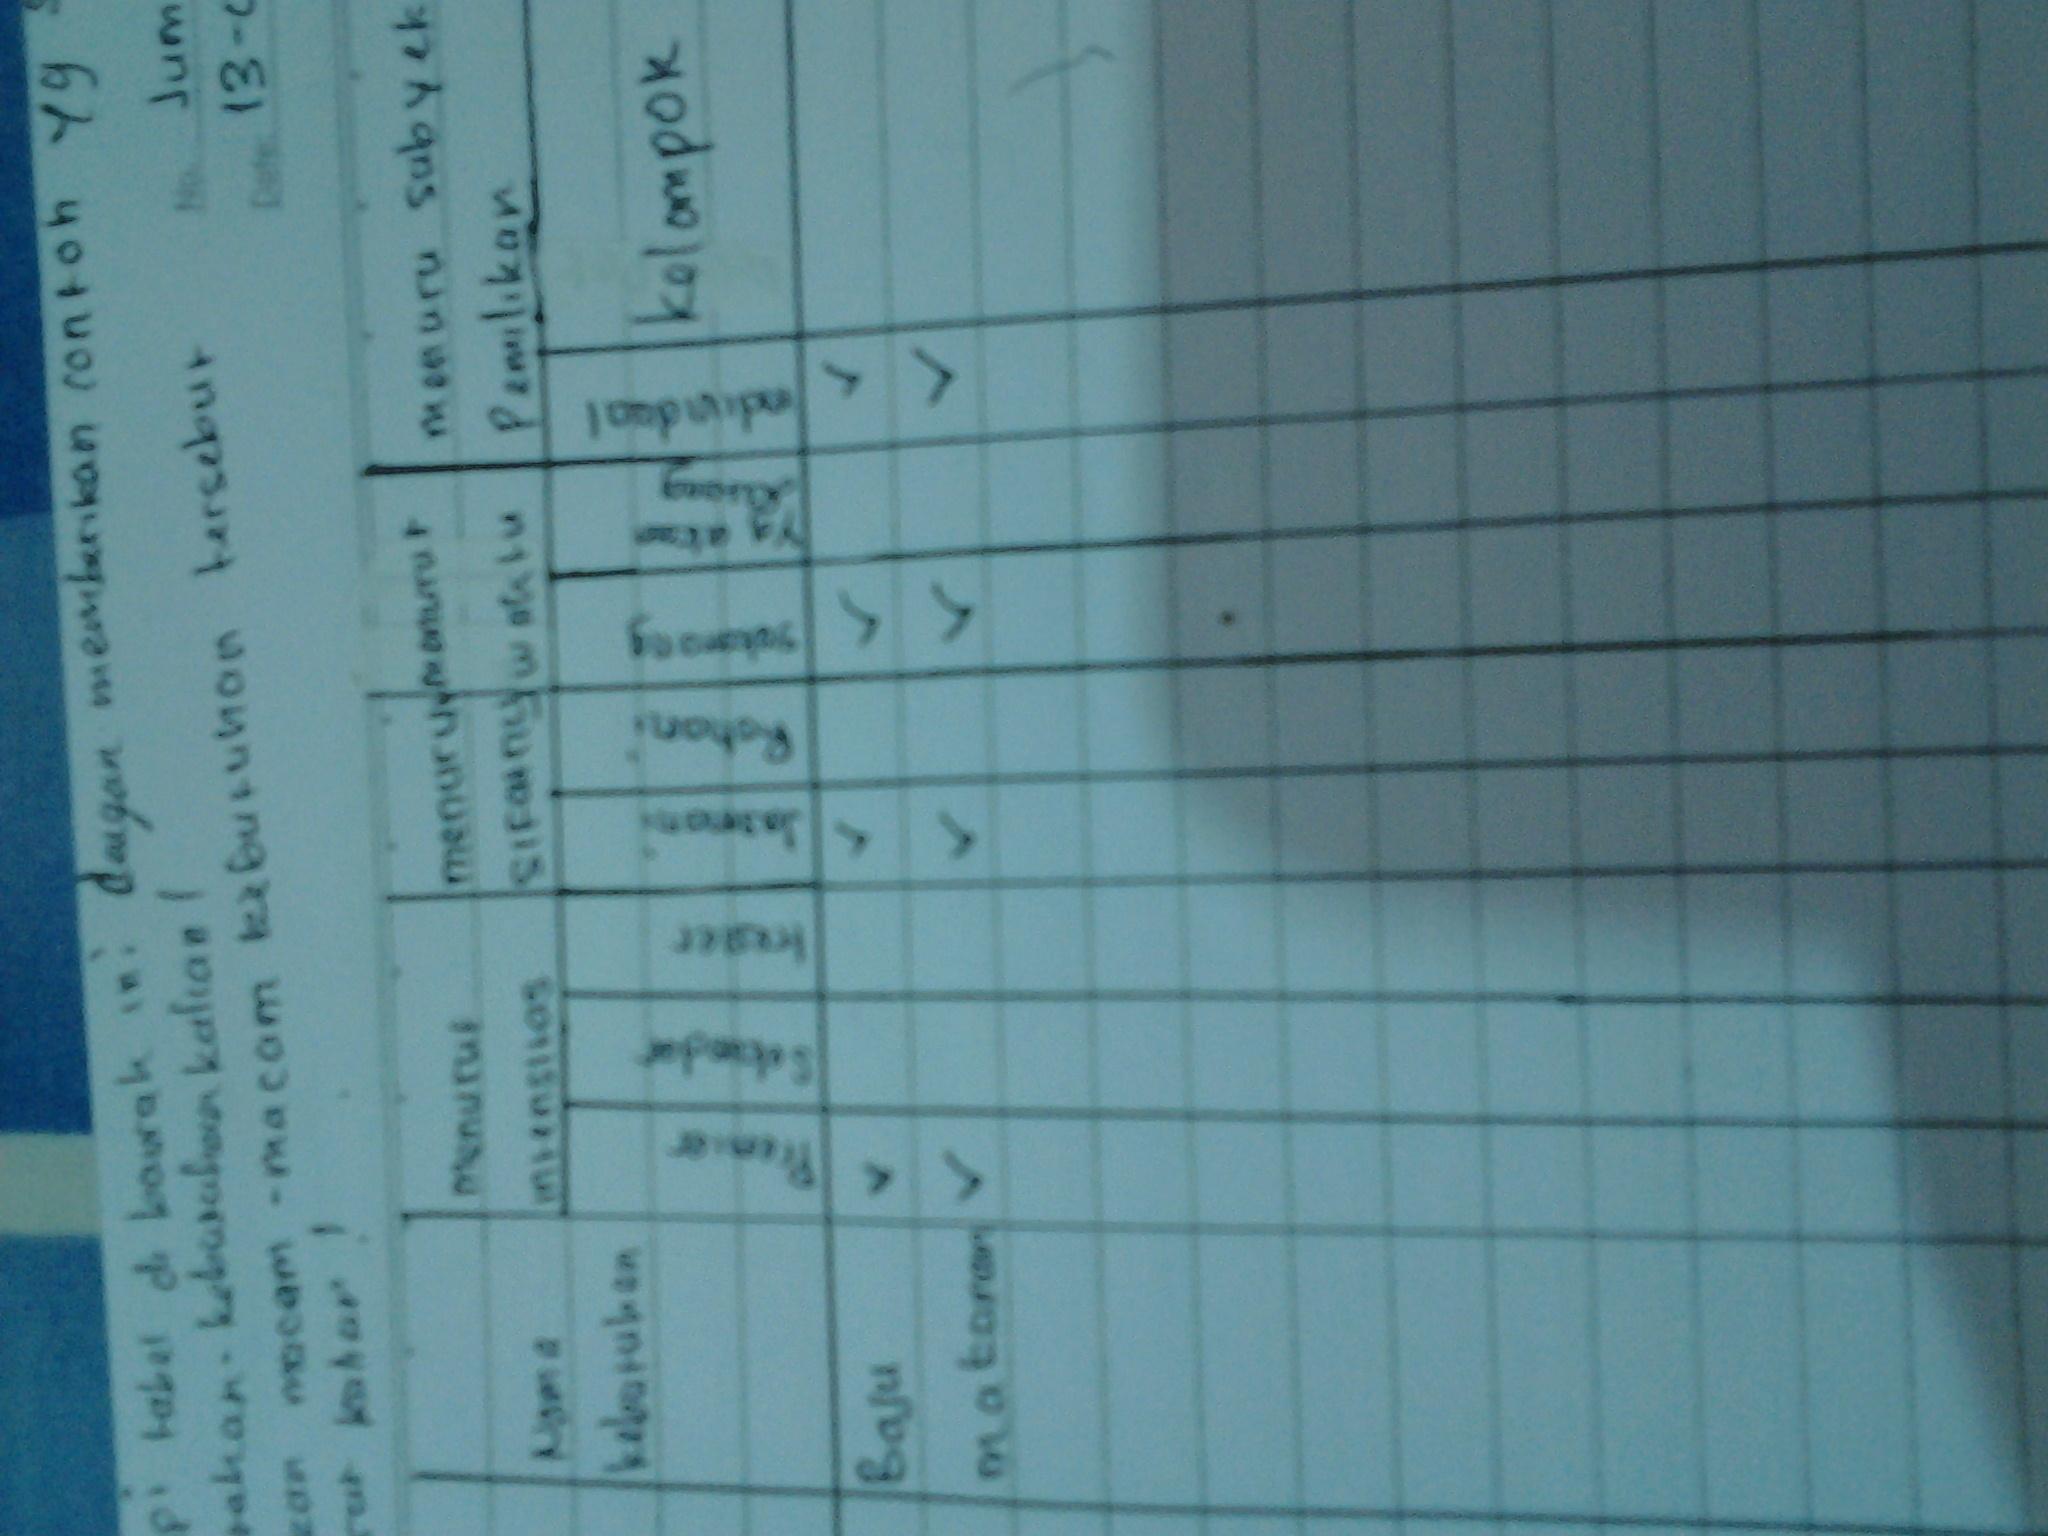 Aktivitas Individu Ips Kelas 7 Hal 138 Tabel Ke 2 - Revisi ...